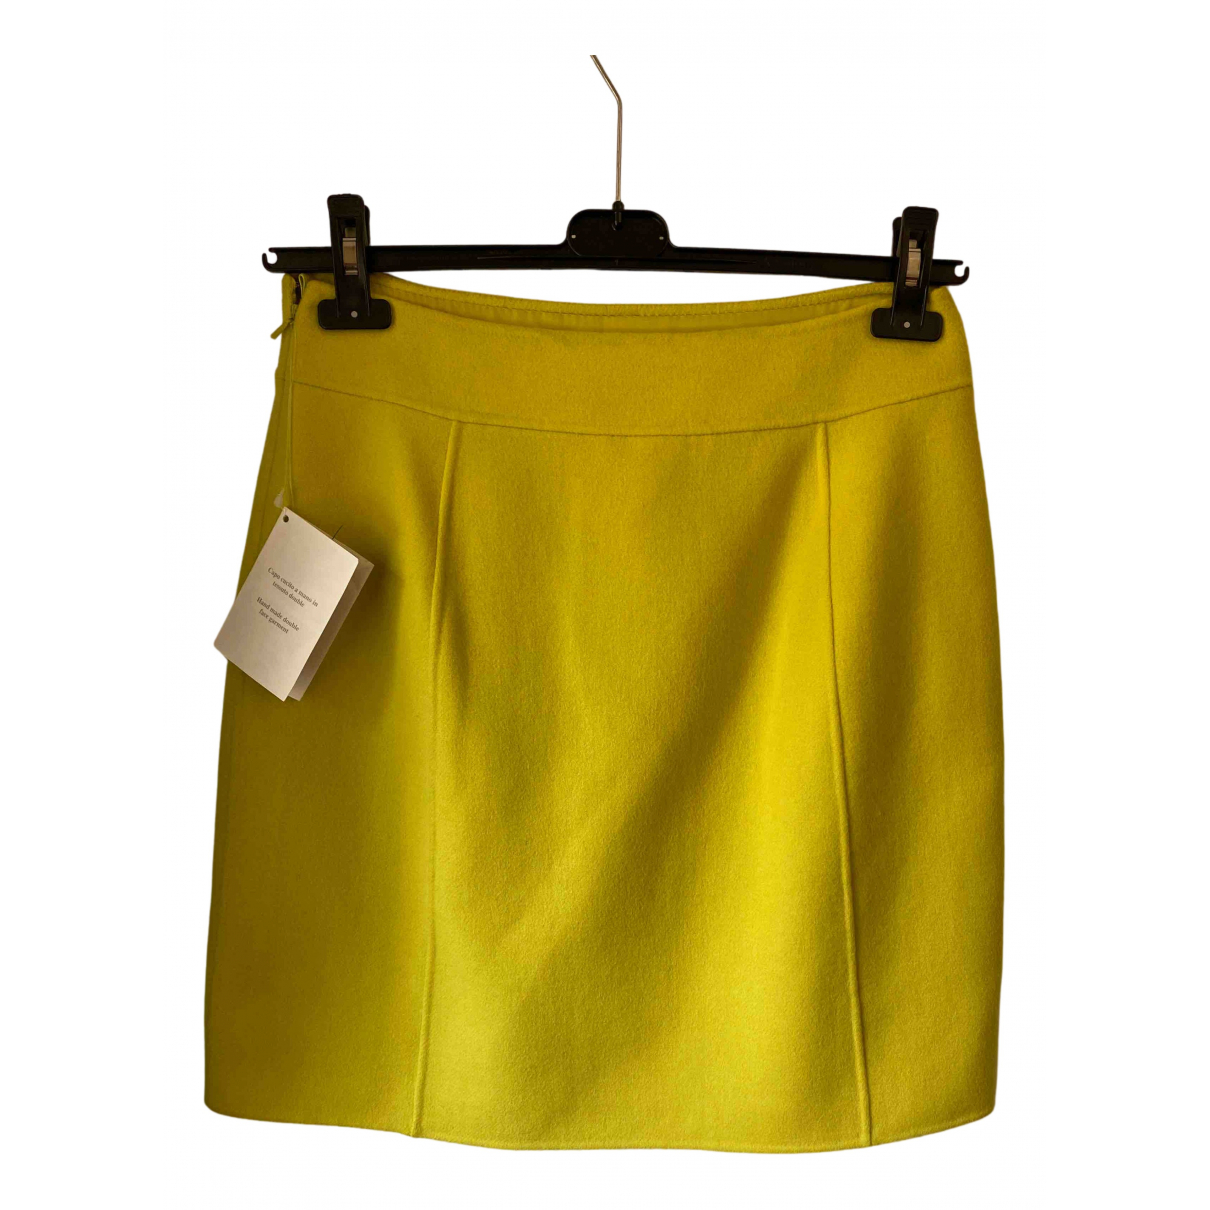 Max Mara - Jupe Max Mara Atelier pour femme en laine - jaune